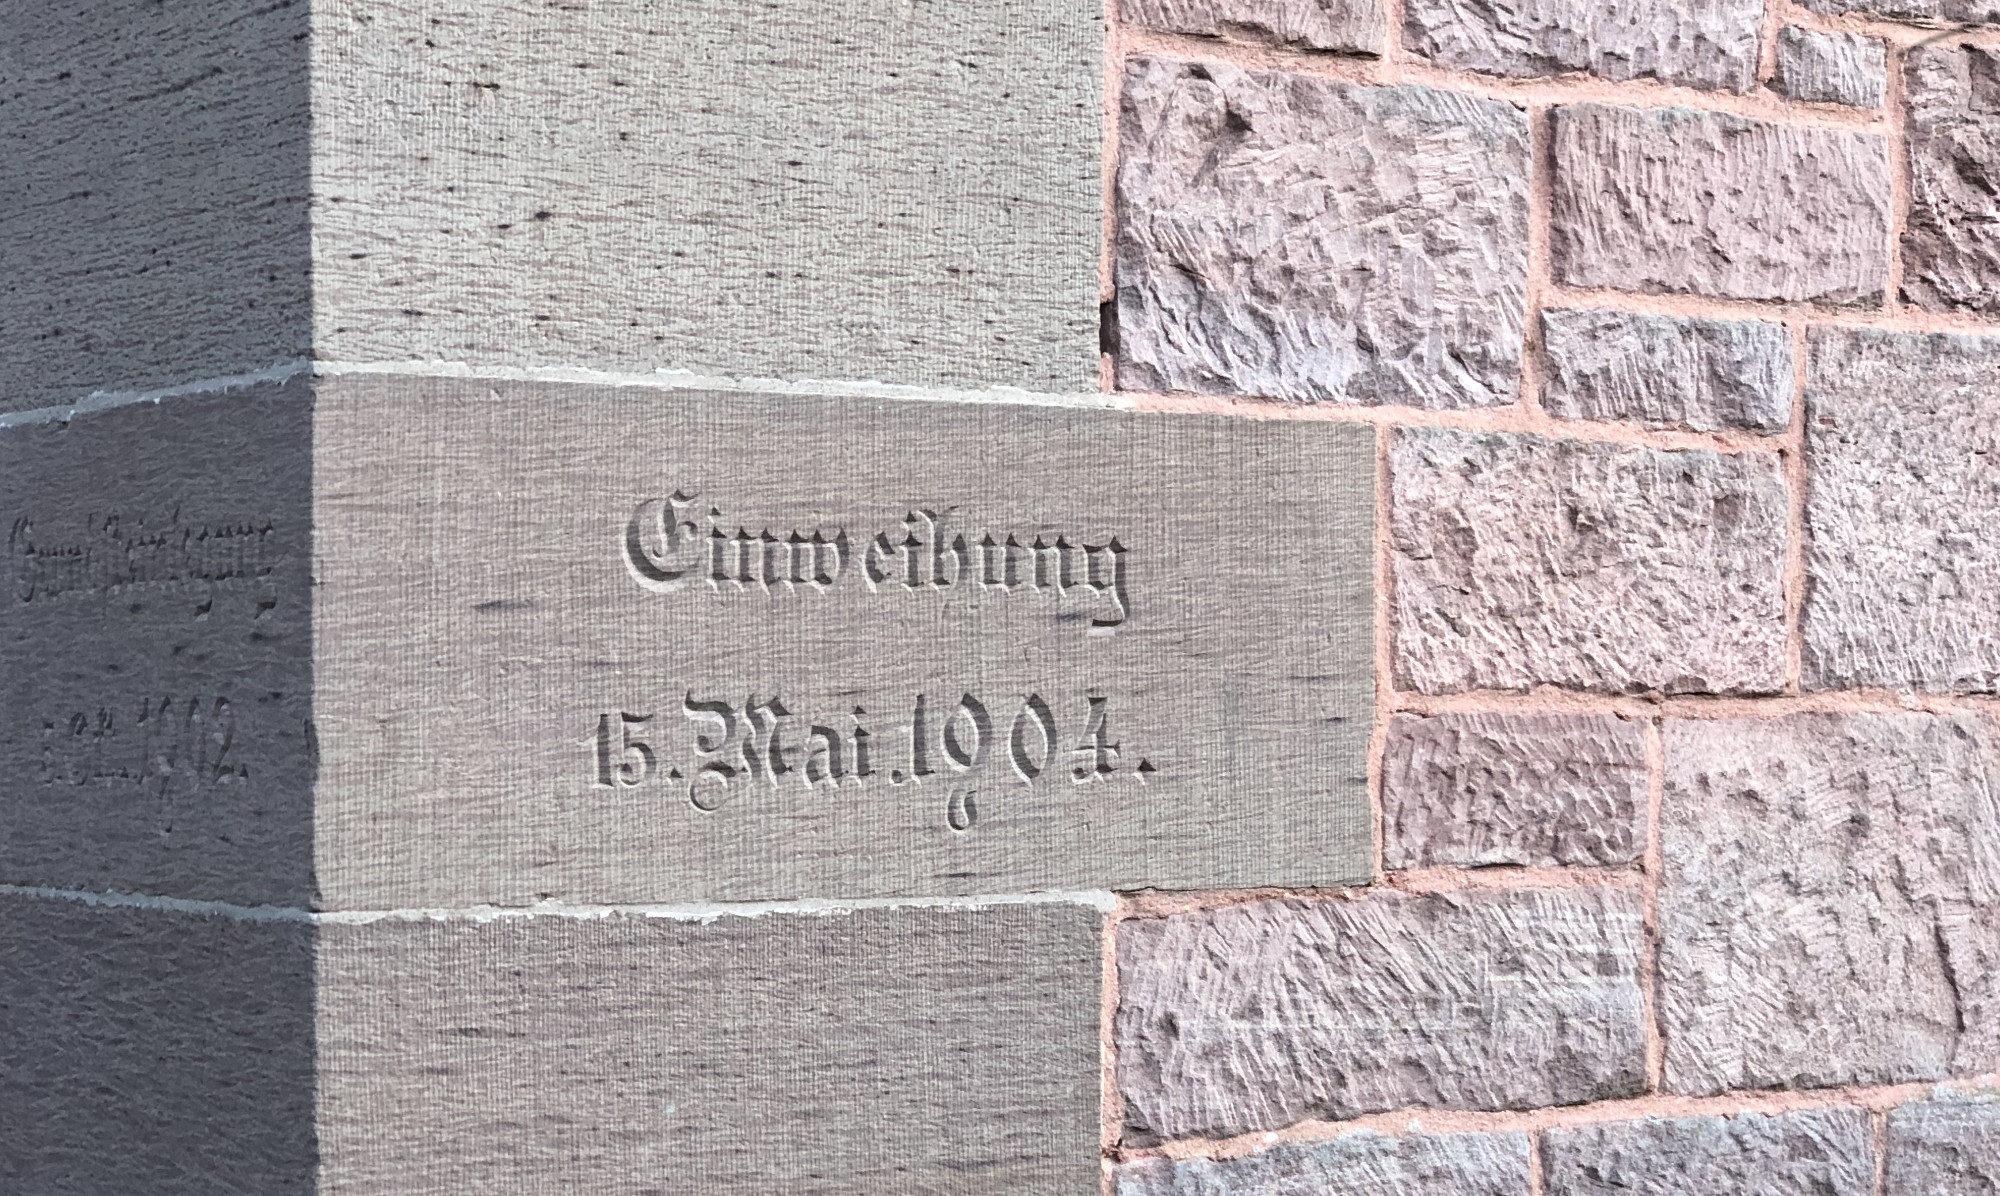 Grundstein der Evangelischen Kirche in Bammental mit Datum der Einweihung am 15. Mai 1904